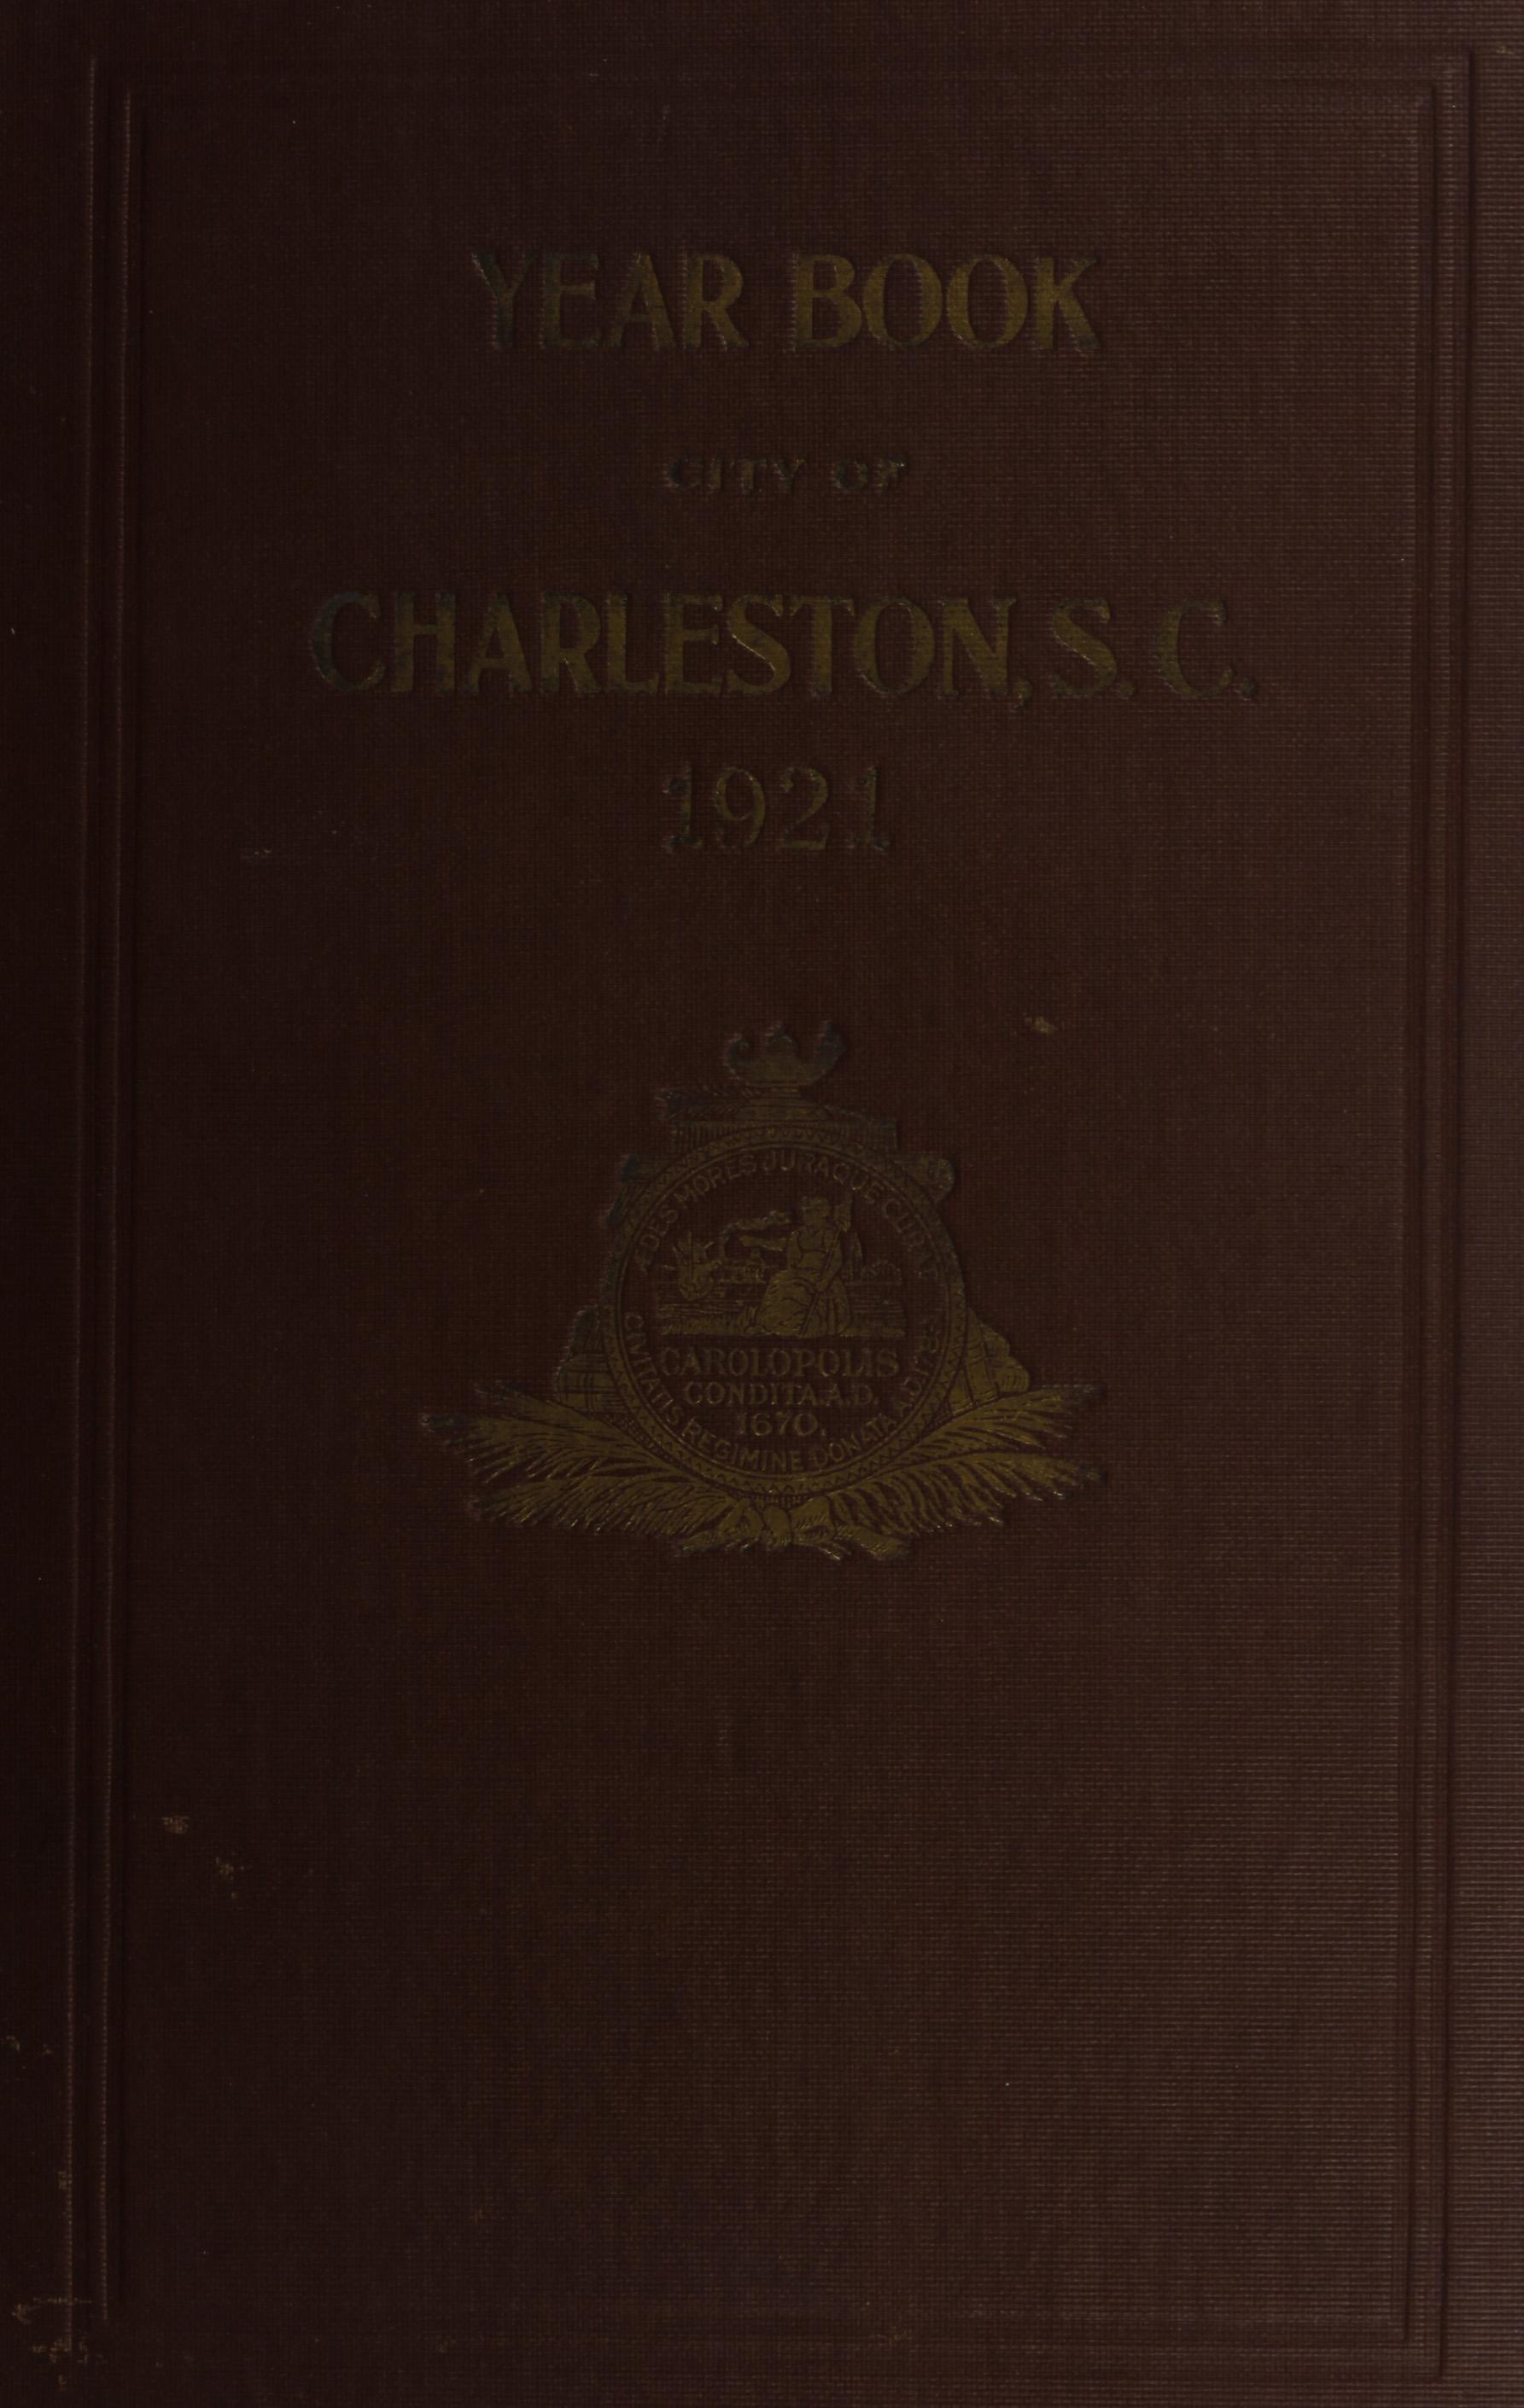 Charleston Yearbook, 1921, cover